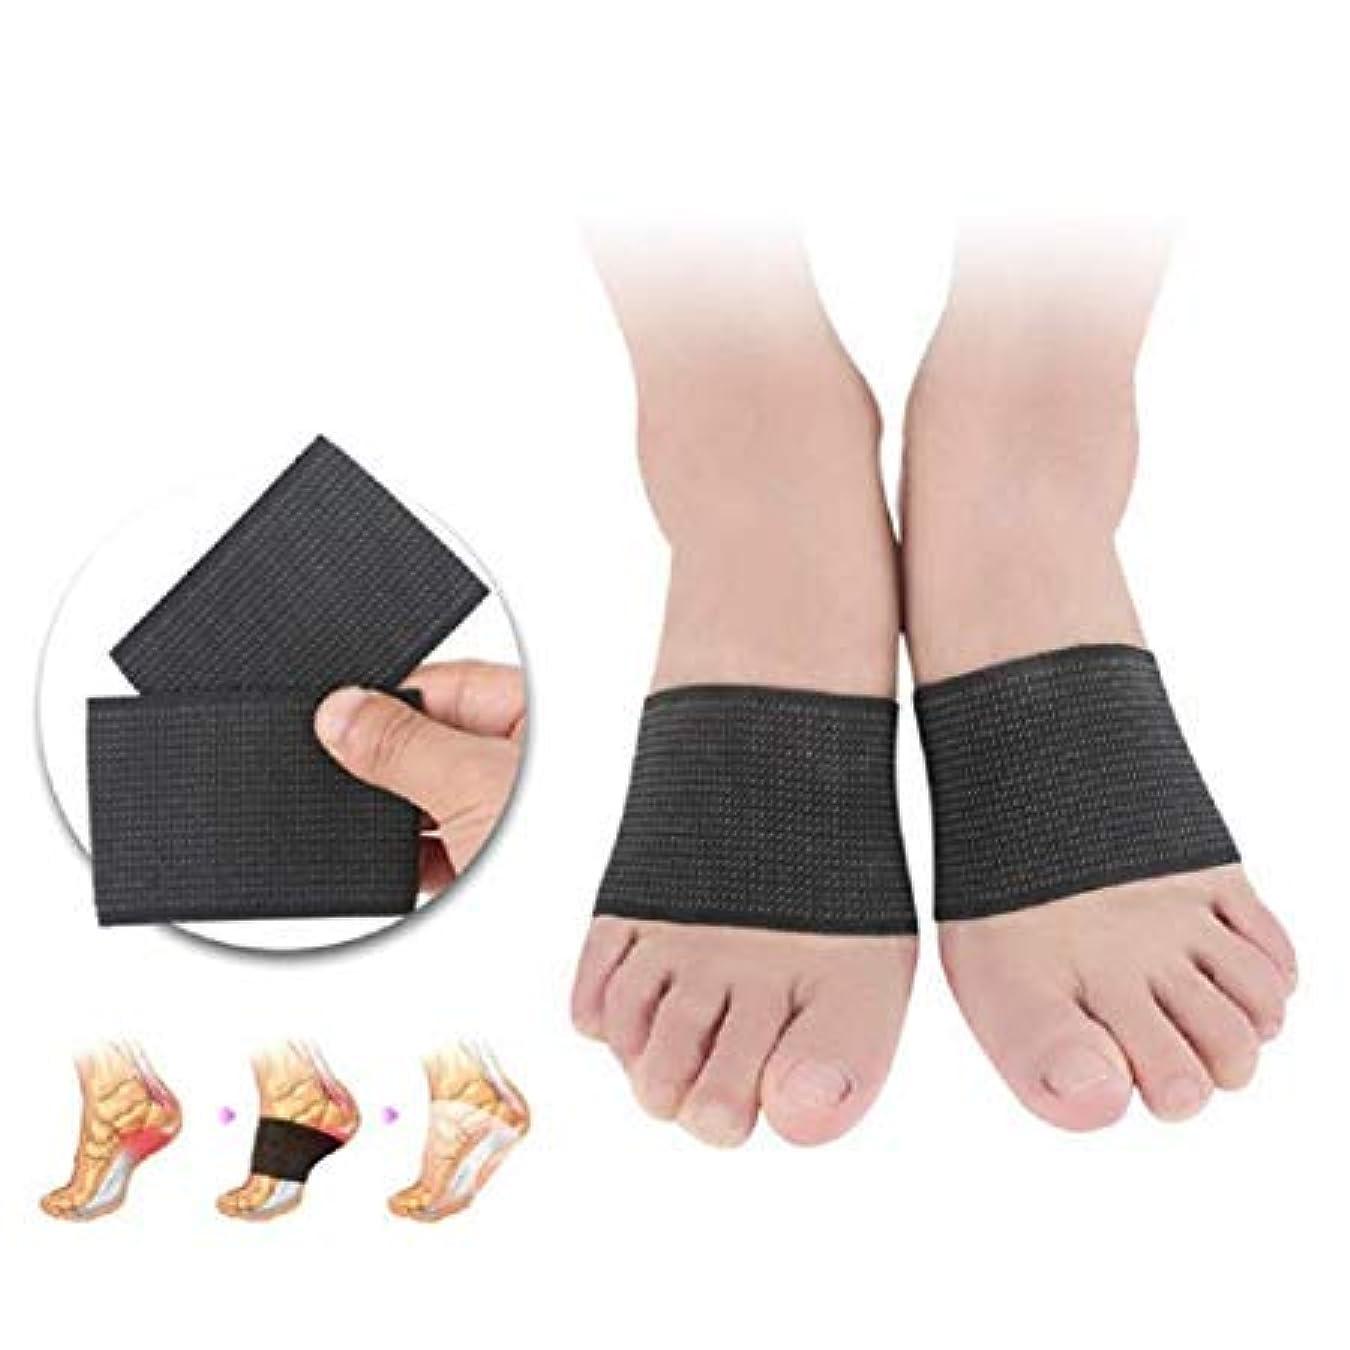 価値スピーチホイスト1足/足のケアツール、足の筋膜炎のサポート足のケア、足の痛み、フラットボウサポート、足底筋膜炎のサポート、マッサージ整形外科用インソール